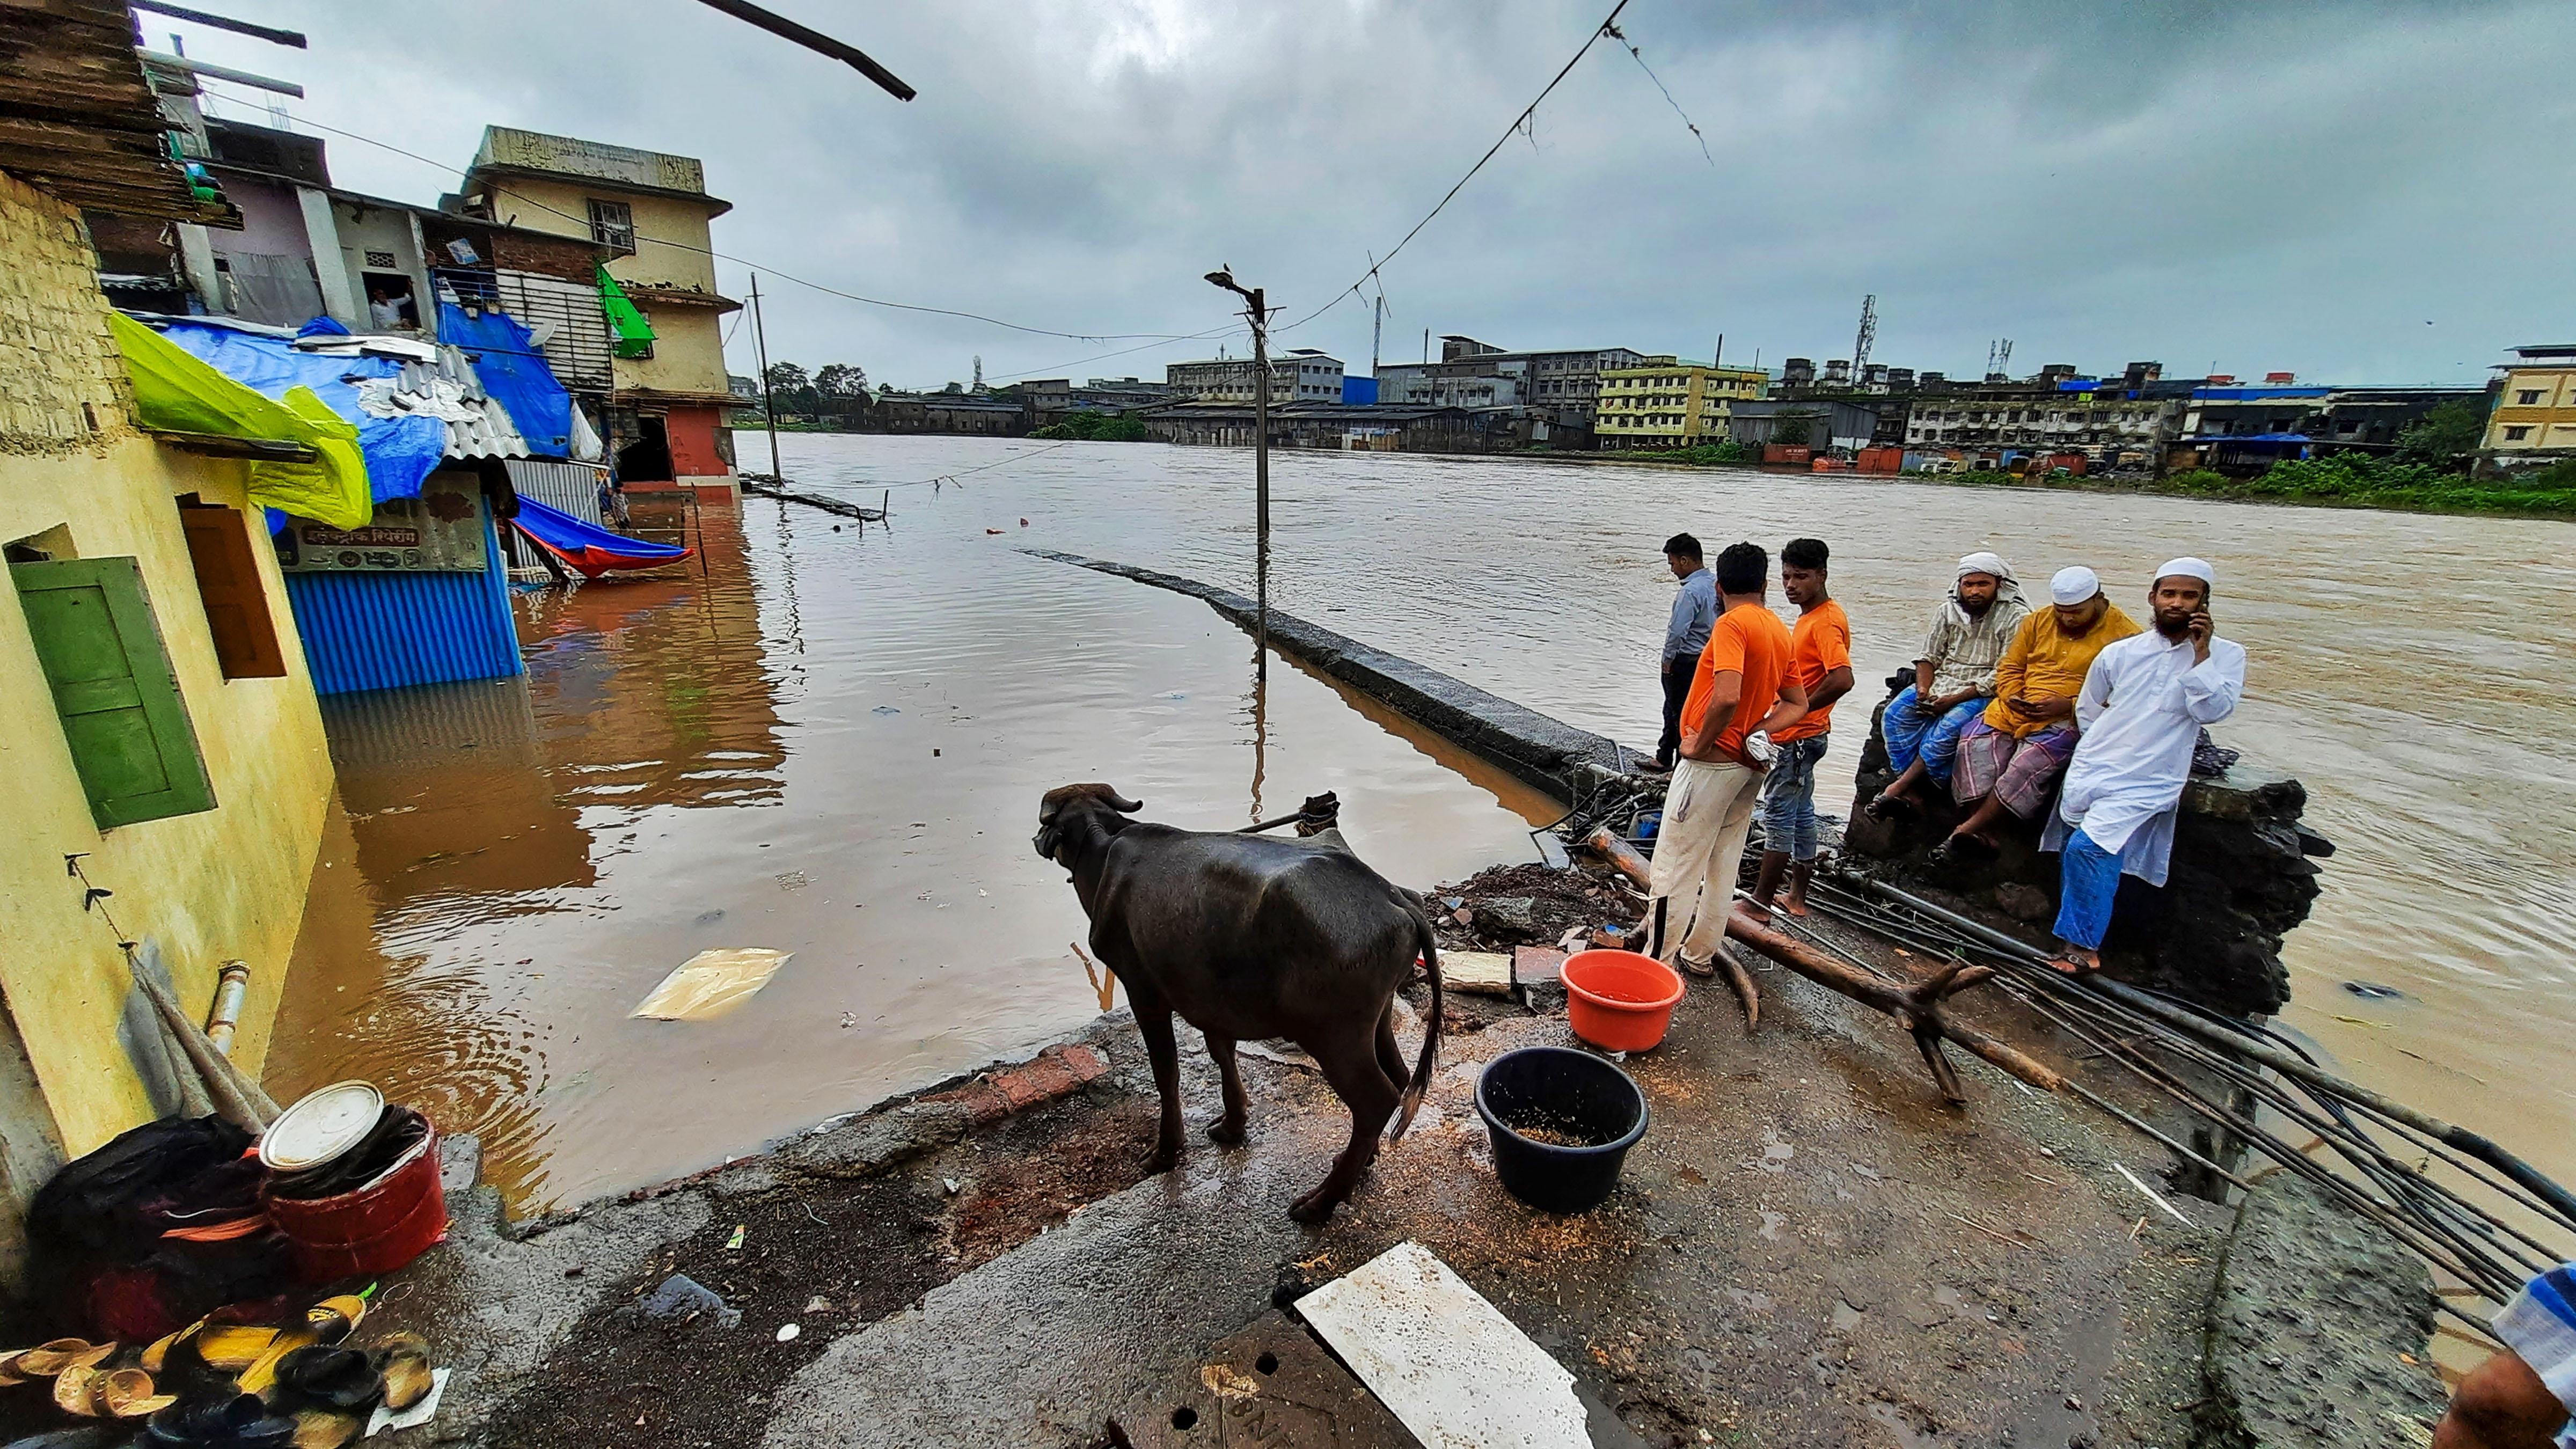 थाने के नदीनाका इलाके में बारिश के कारण लोग घरों में कैद हो गए।